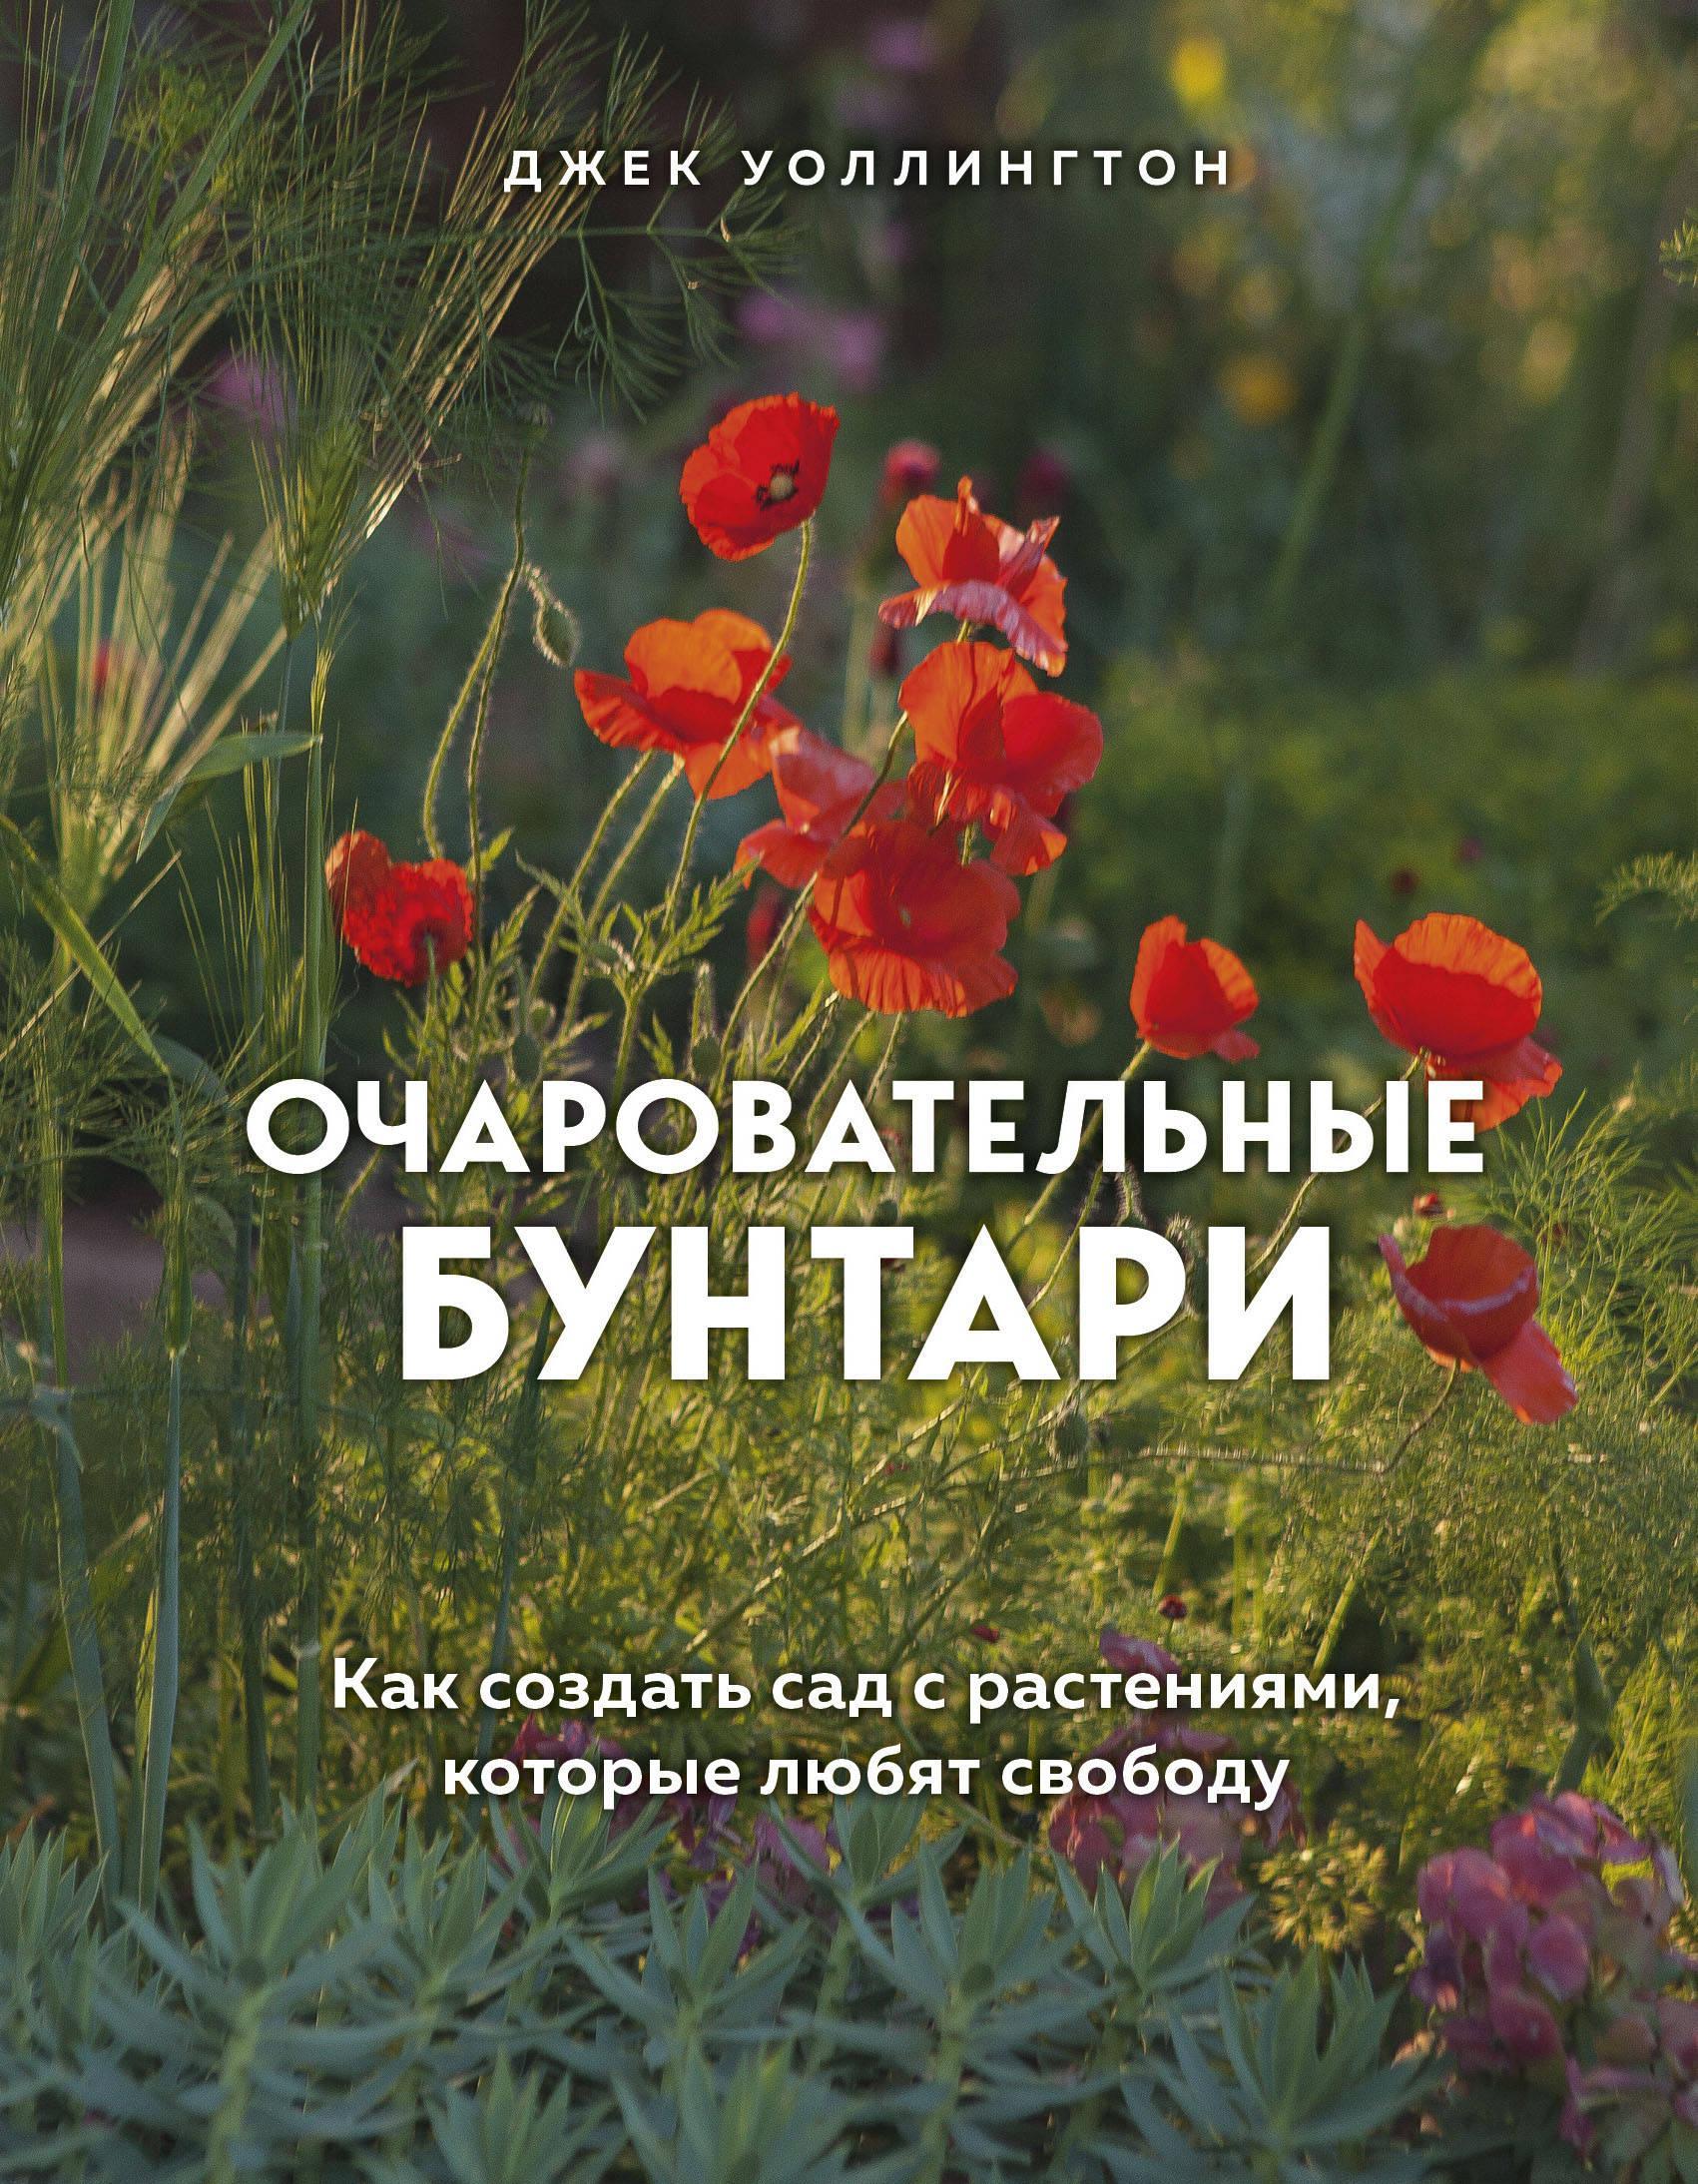 Очаровательные бунтари. Как создать сад с растениями, которые любят свободу